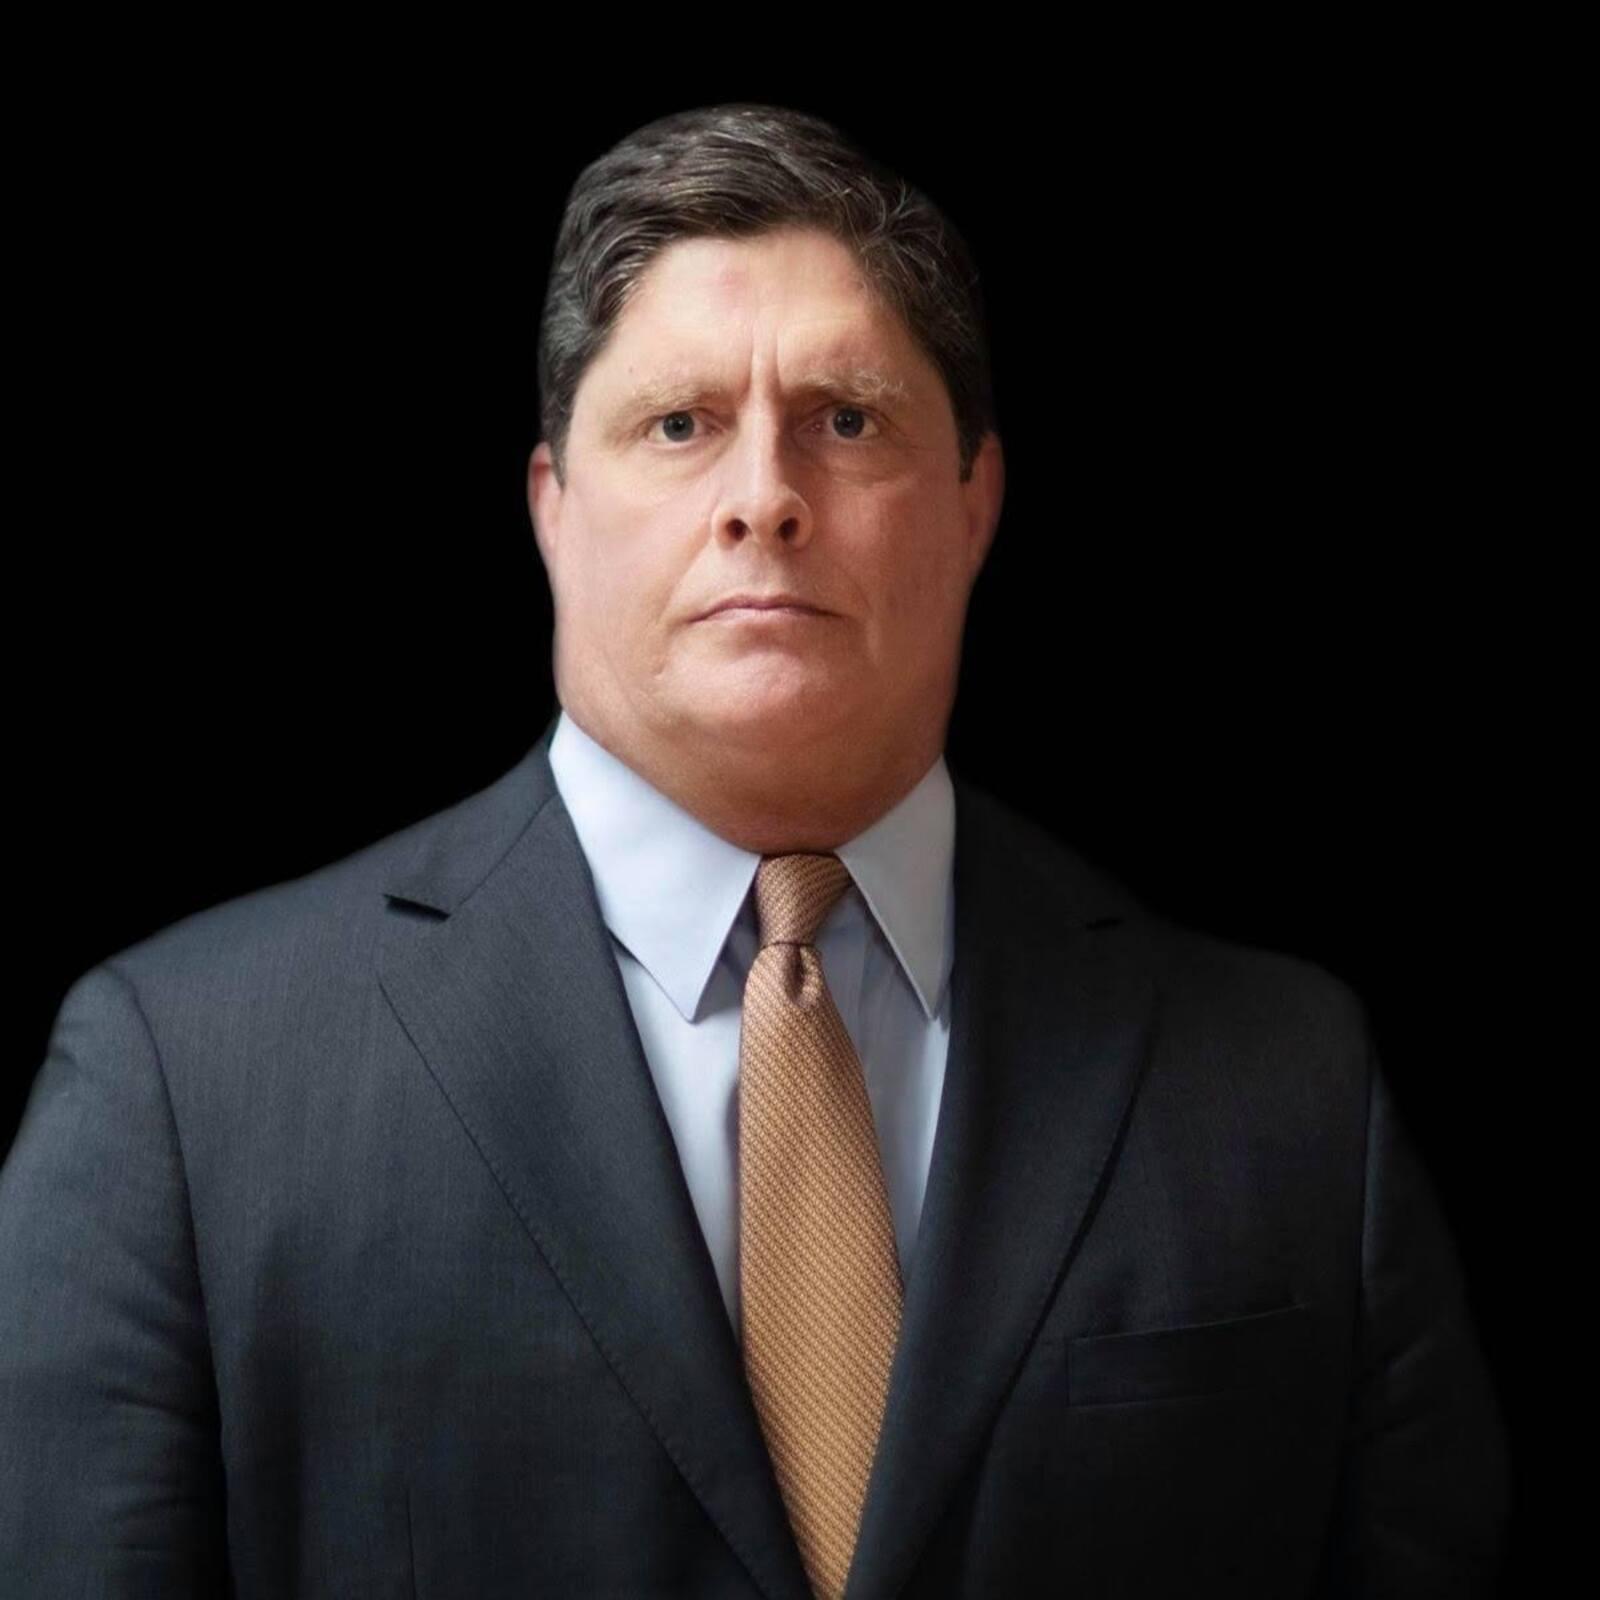 Dallas Criminal Defense Lawyer John Helms